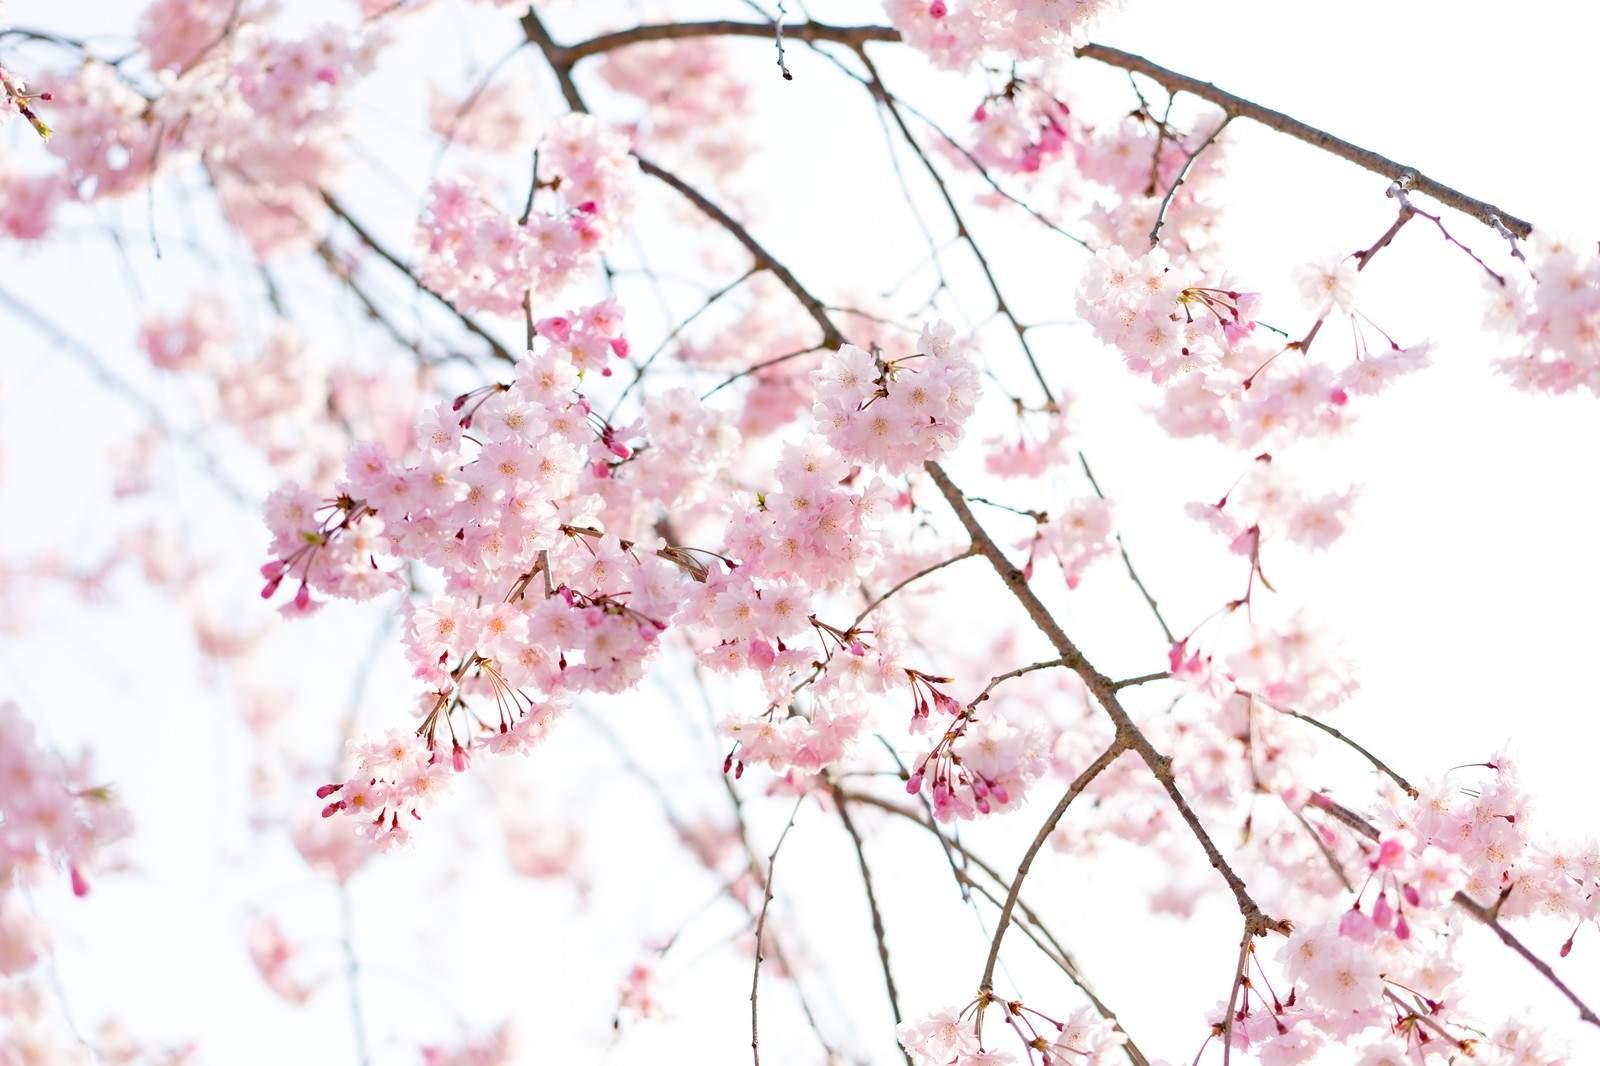 4月といえば?|風物詩・行事・記念日・食べ物・言葉